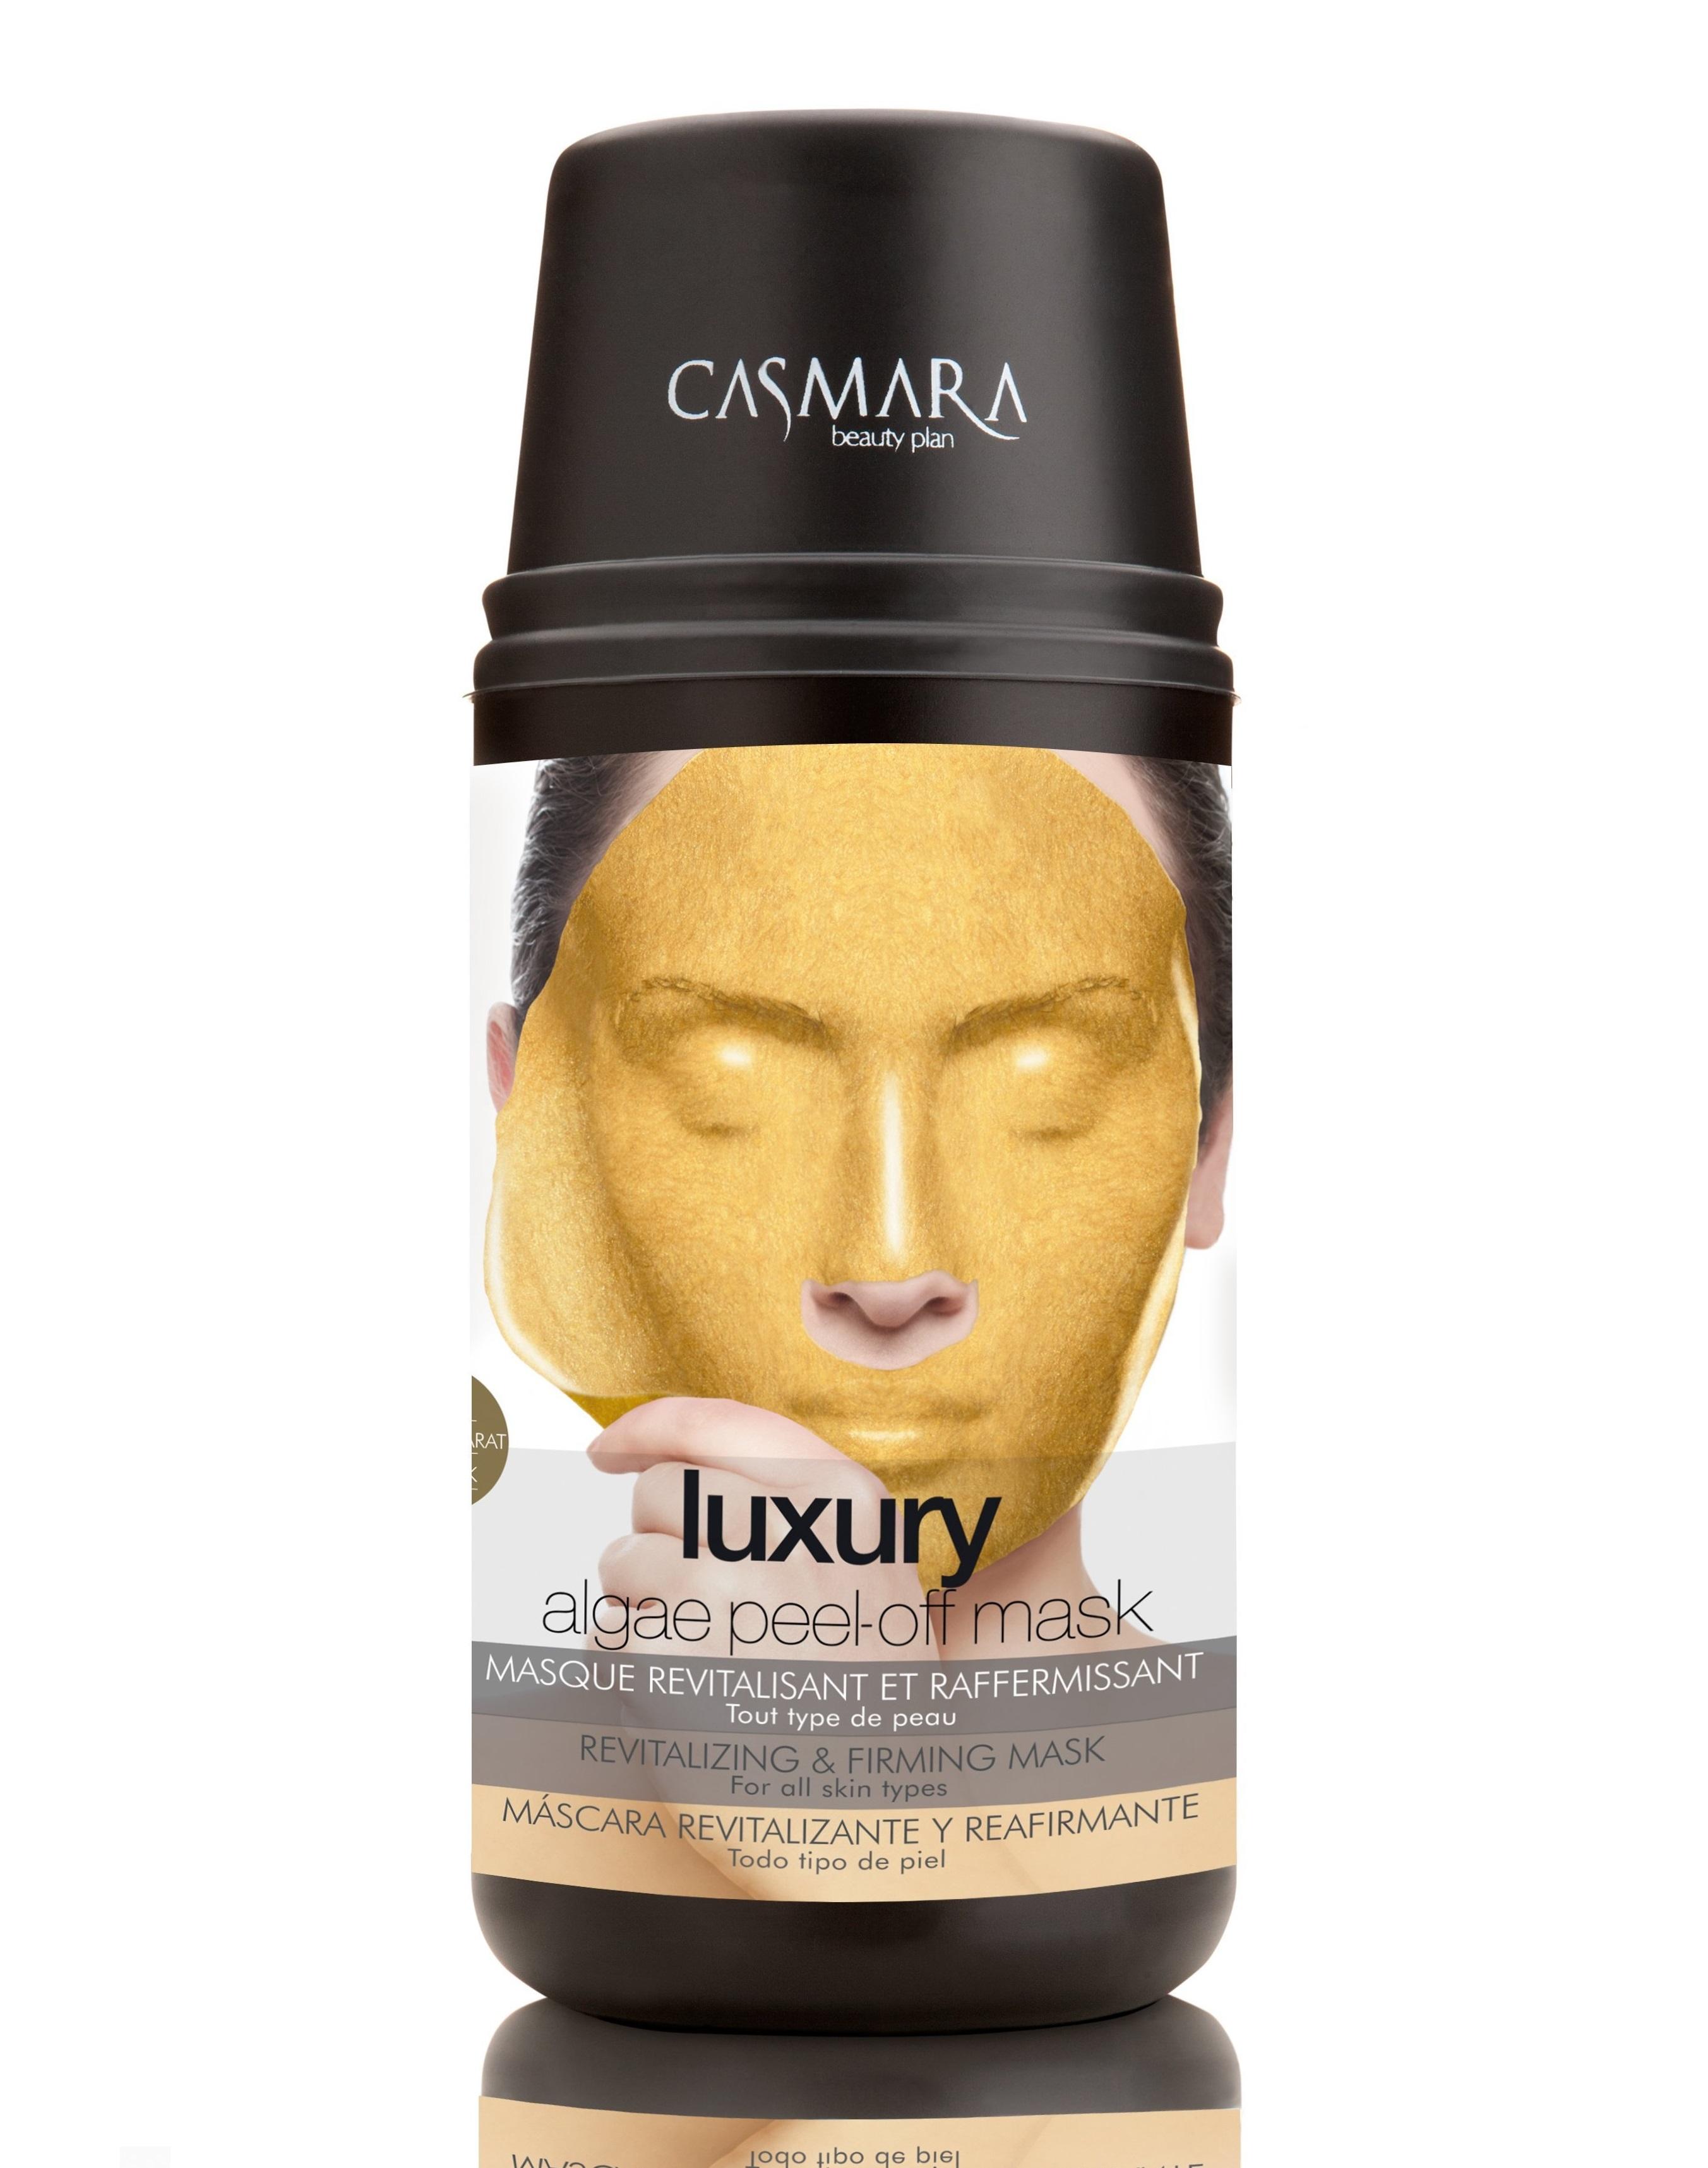 CASMARA Набор Бьюти для лица Люкс (оживляющая и укрепляющая альгинатная маска 1 шт, оживляющий крем для лица 4 мл) - Наборы